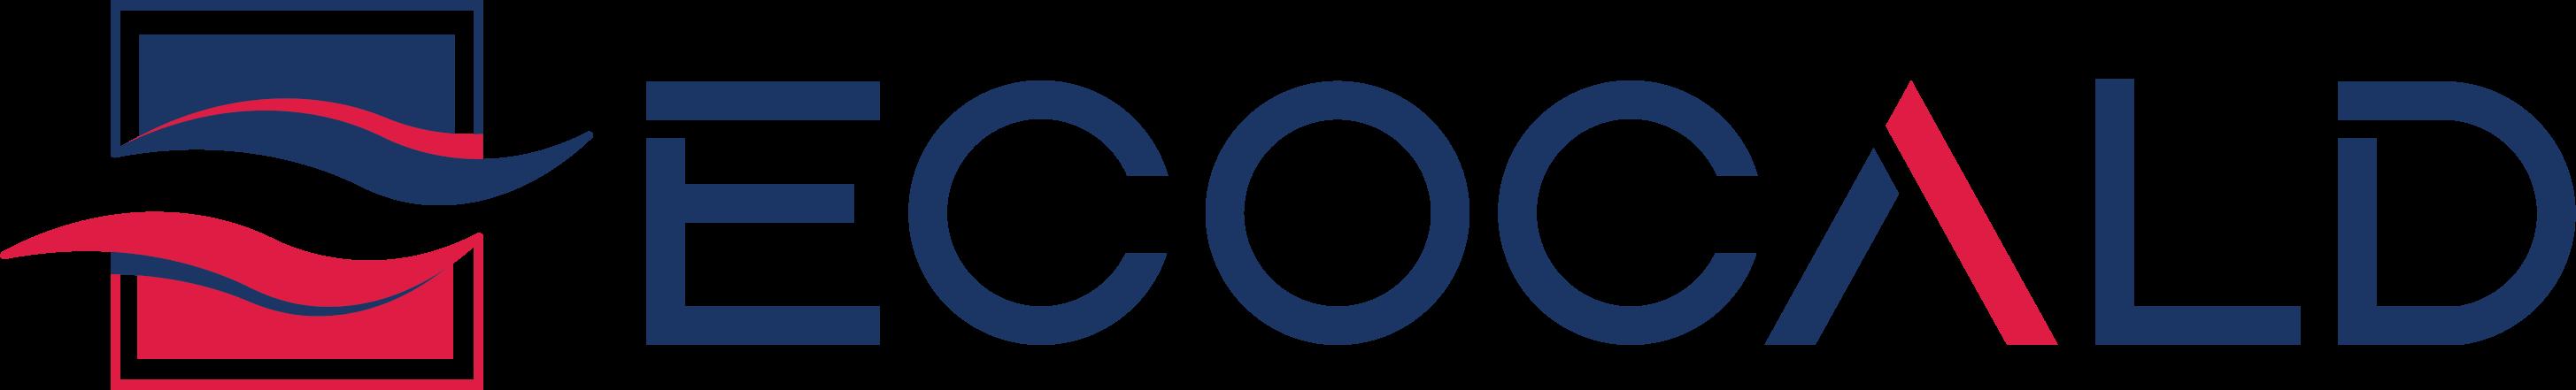 Ecocald